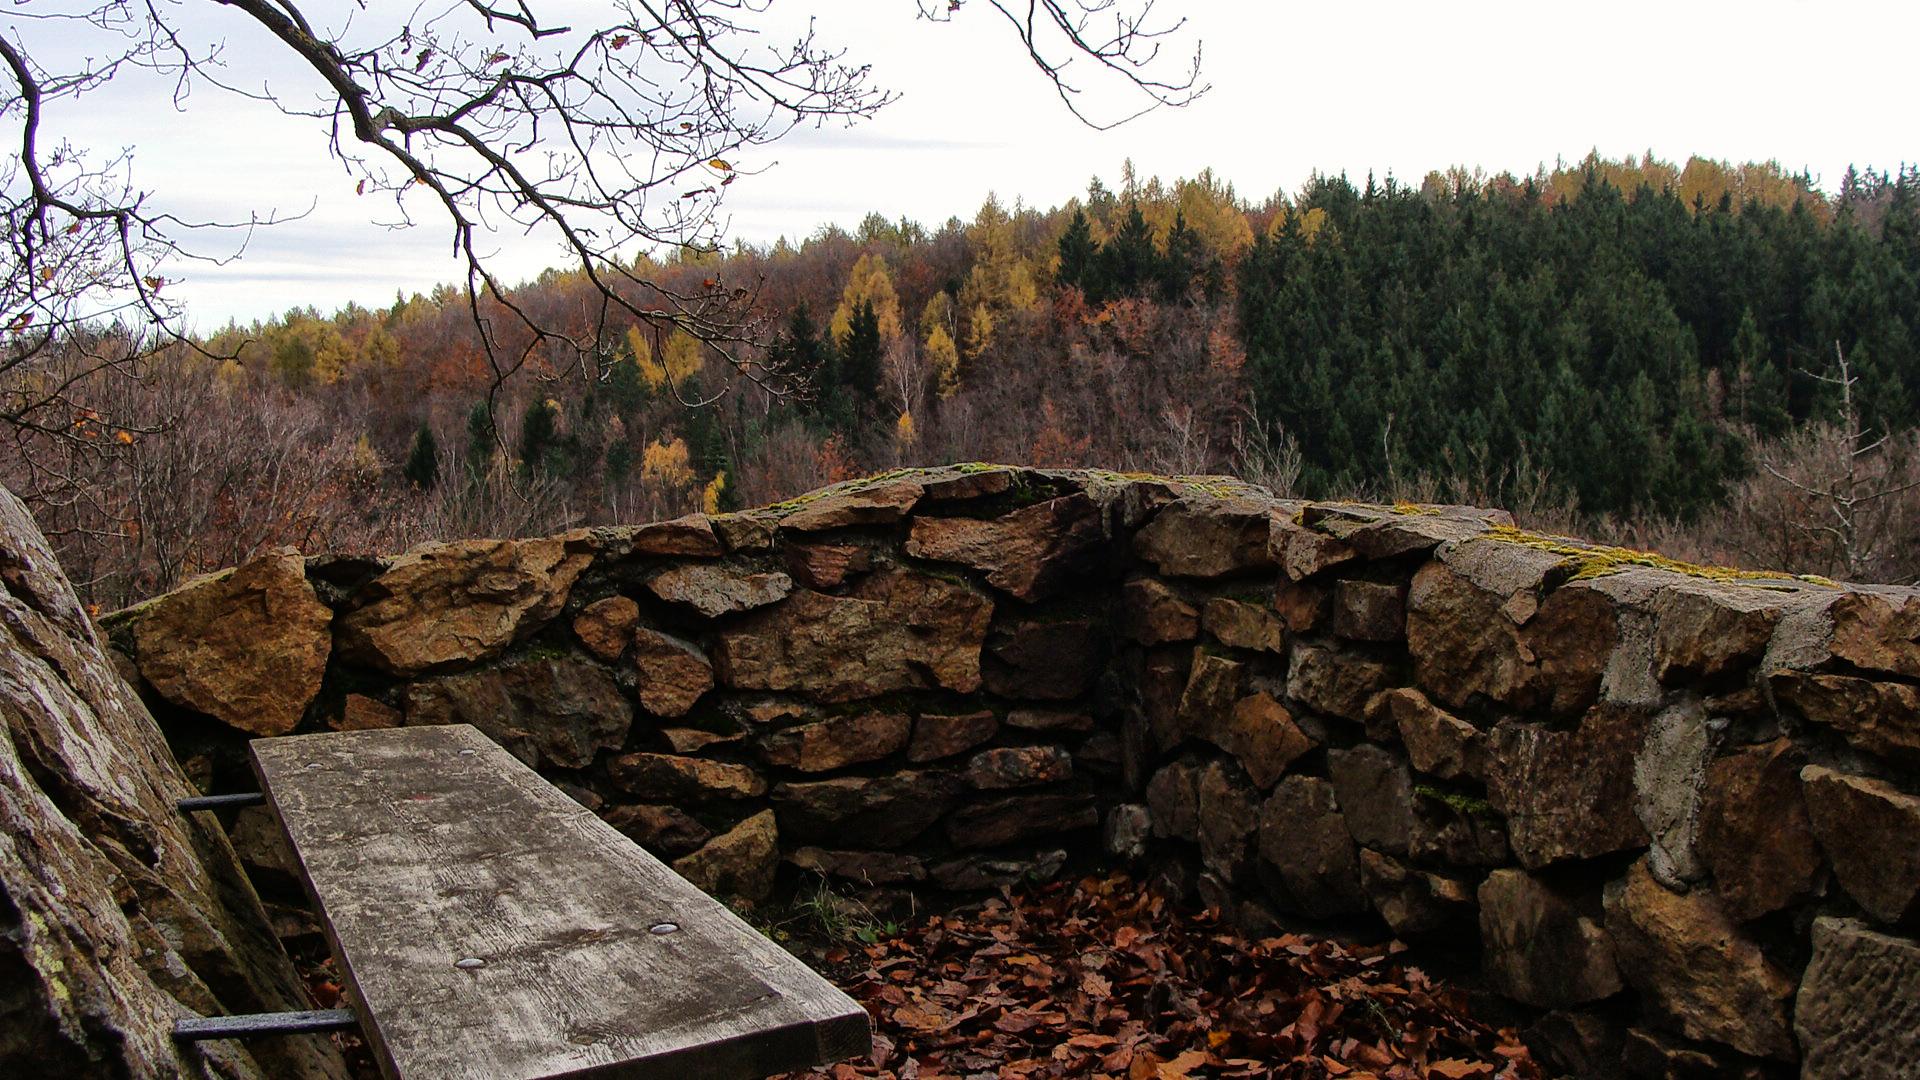 Bielsteinklippe